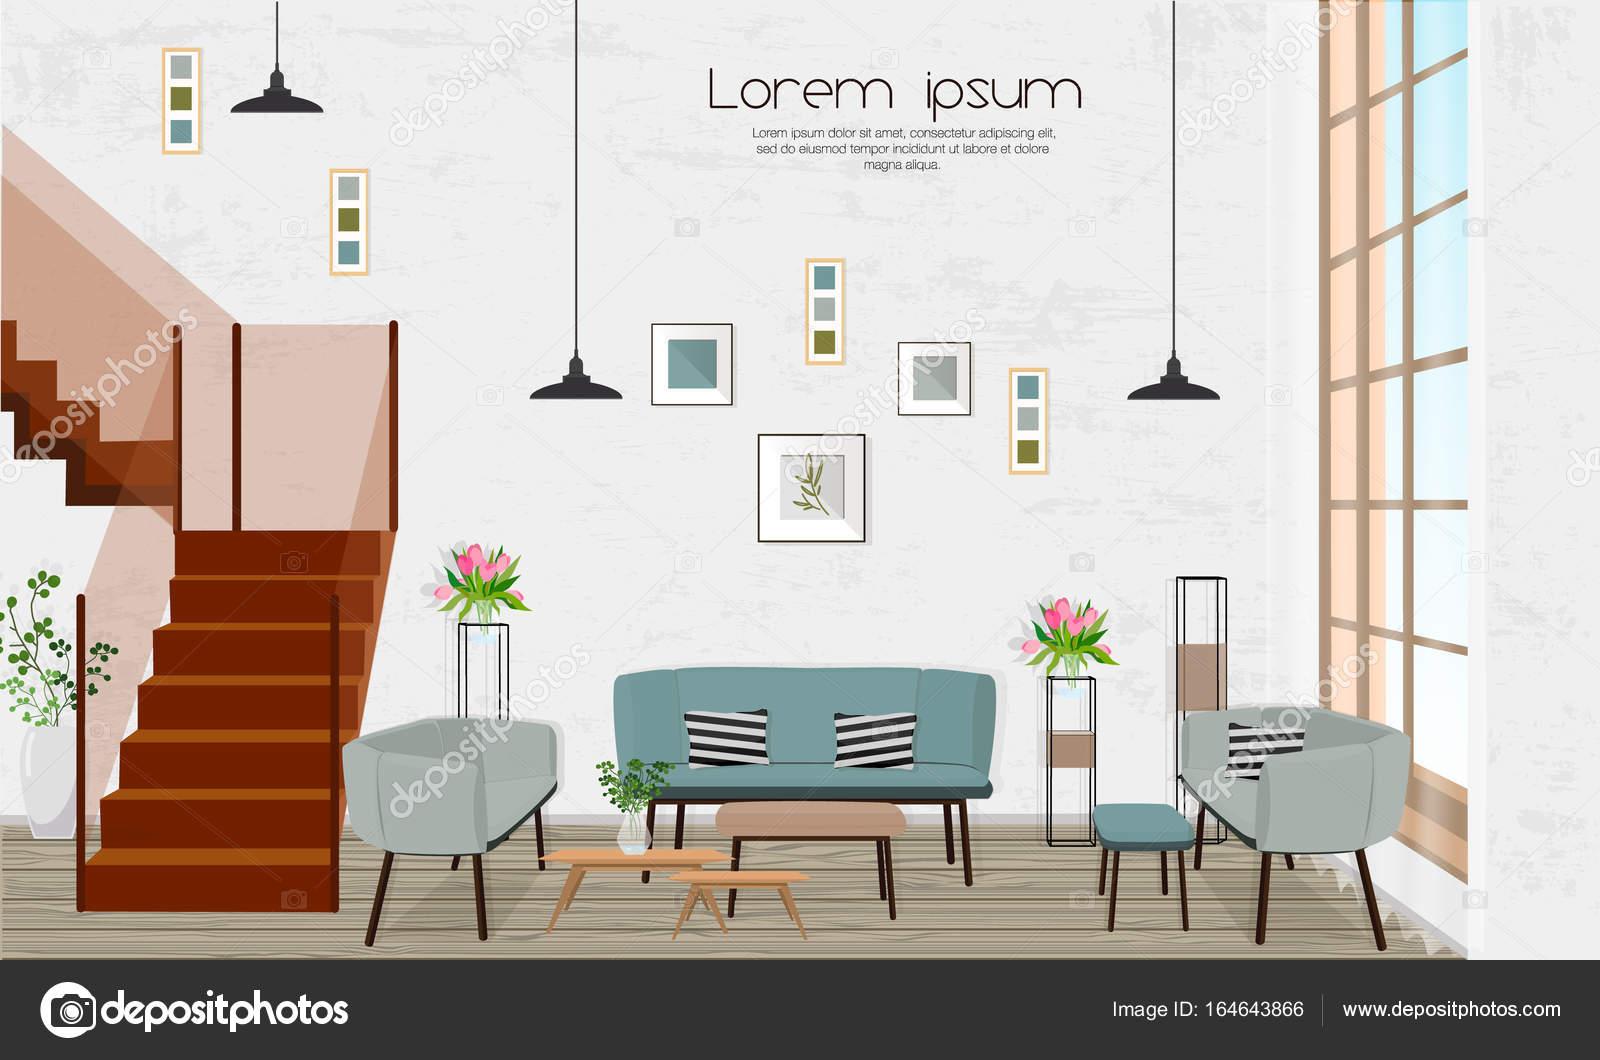 Möbel. Interior Design. Wohnzimmer mit Sofa, Treppen, Fenster ...